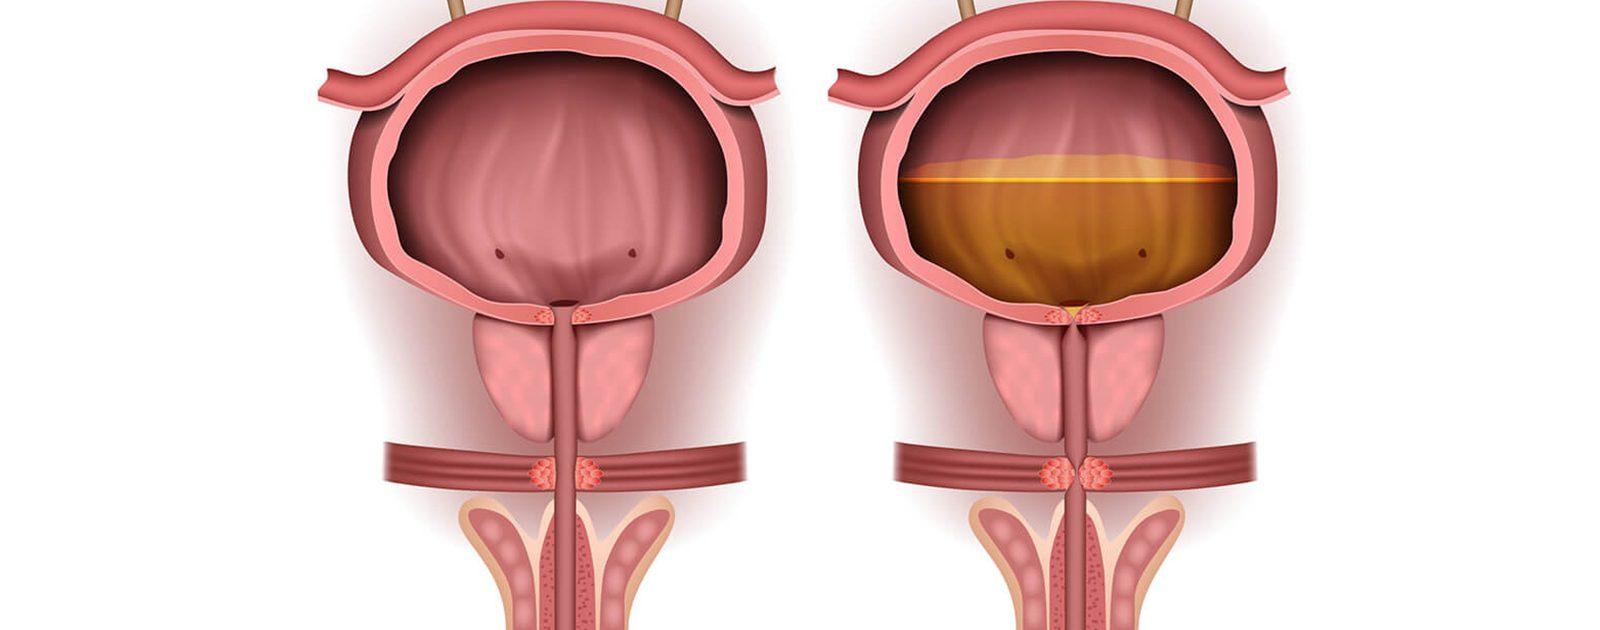 Während die Blase links normal funktioniert, stellt die Blase auf der rechten Seite den Verbleib von Restharn bildlich dar.